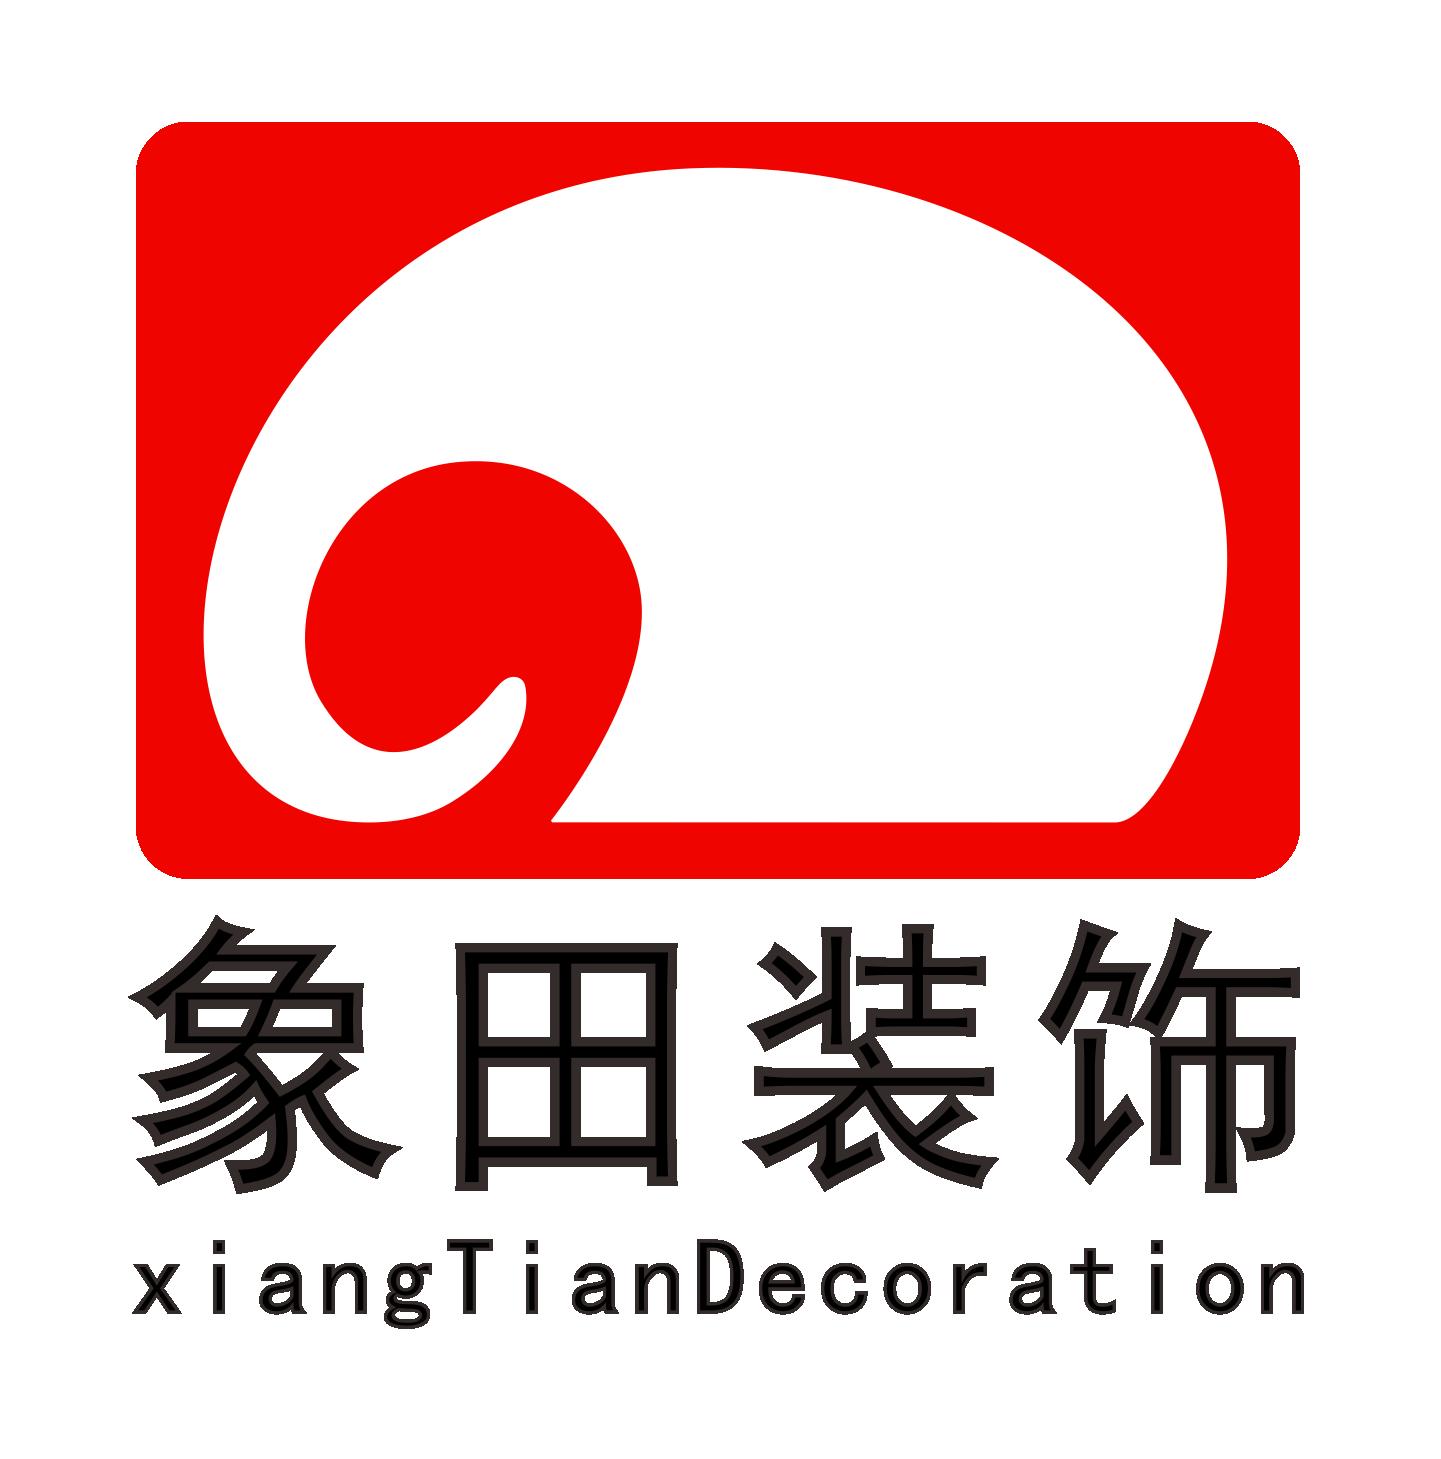 重慶象田裝飾設計工程玖玖資源站;